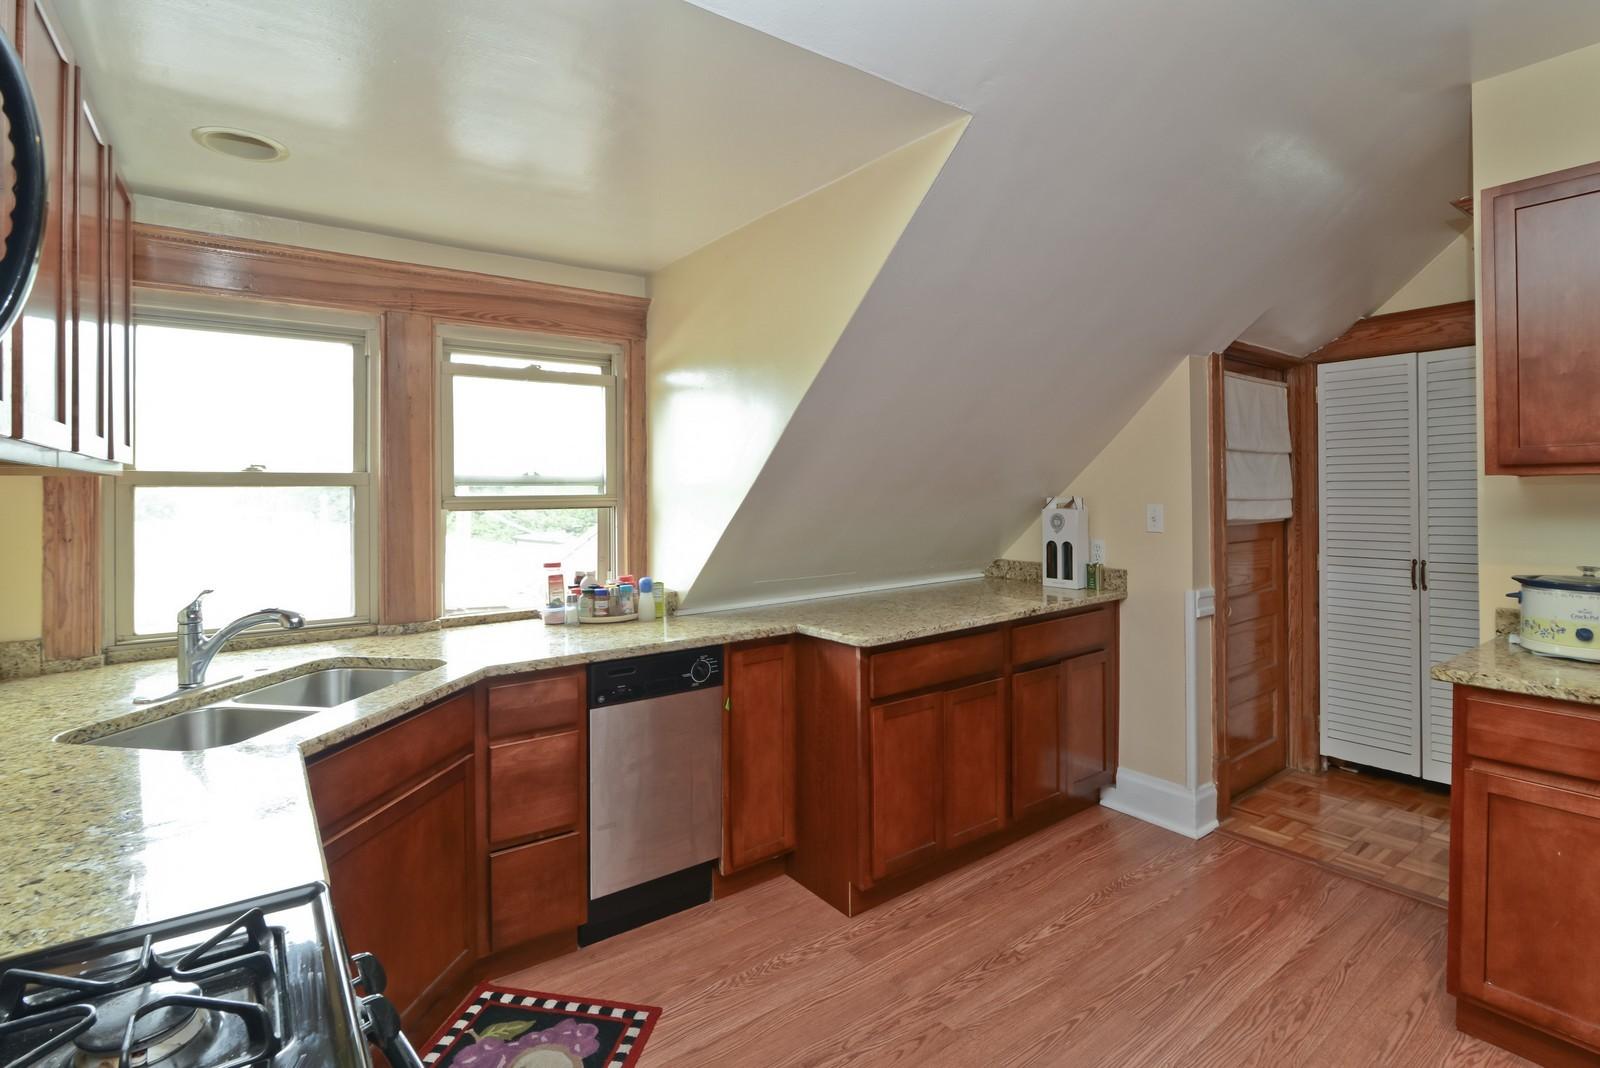 Real Estate Photography - 1221 W Draper, 3, Chicago, IL, 60614 - Kitchen